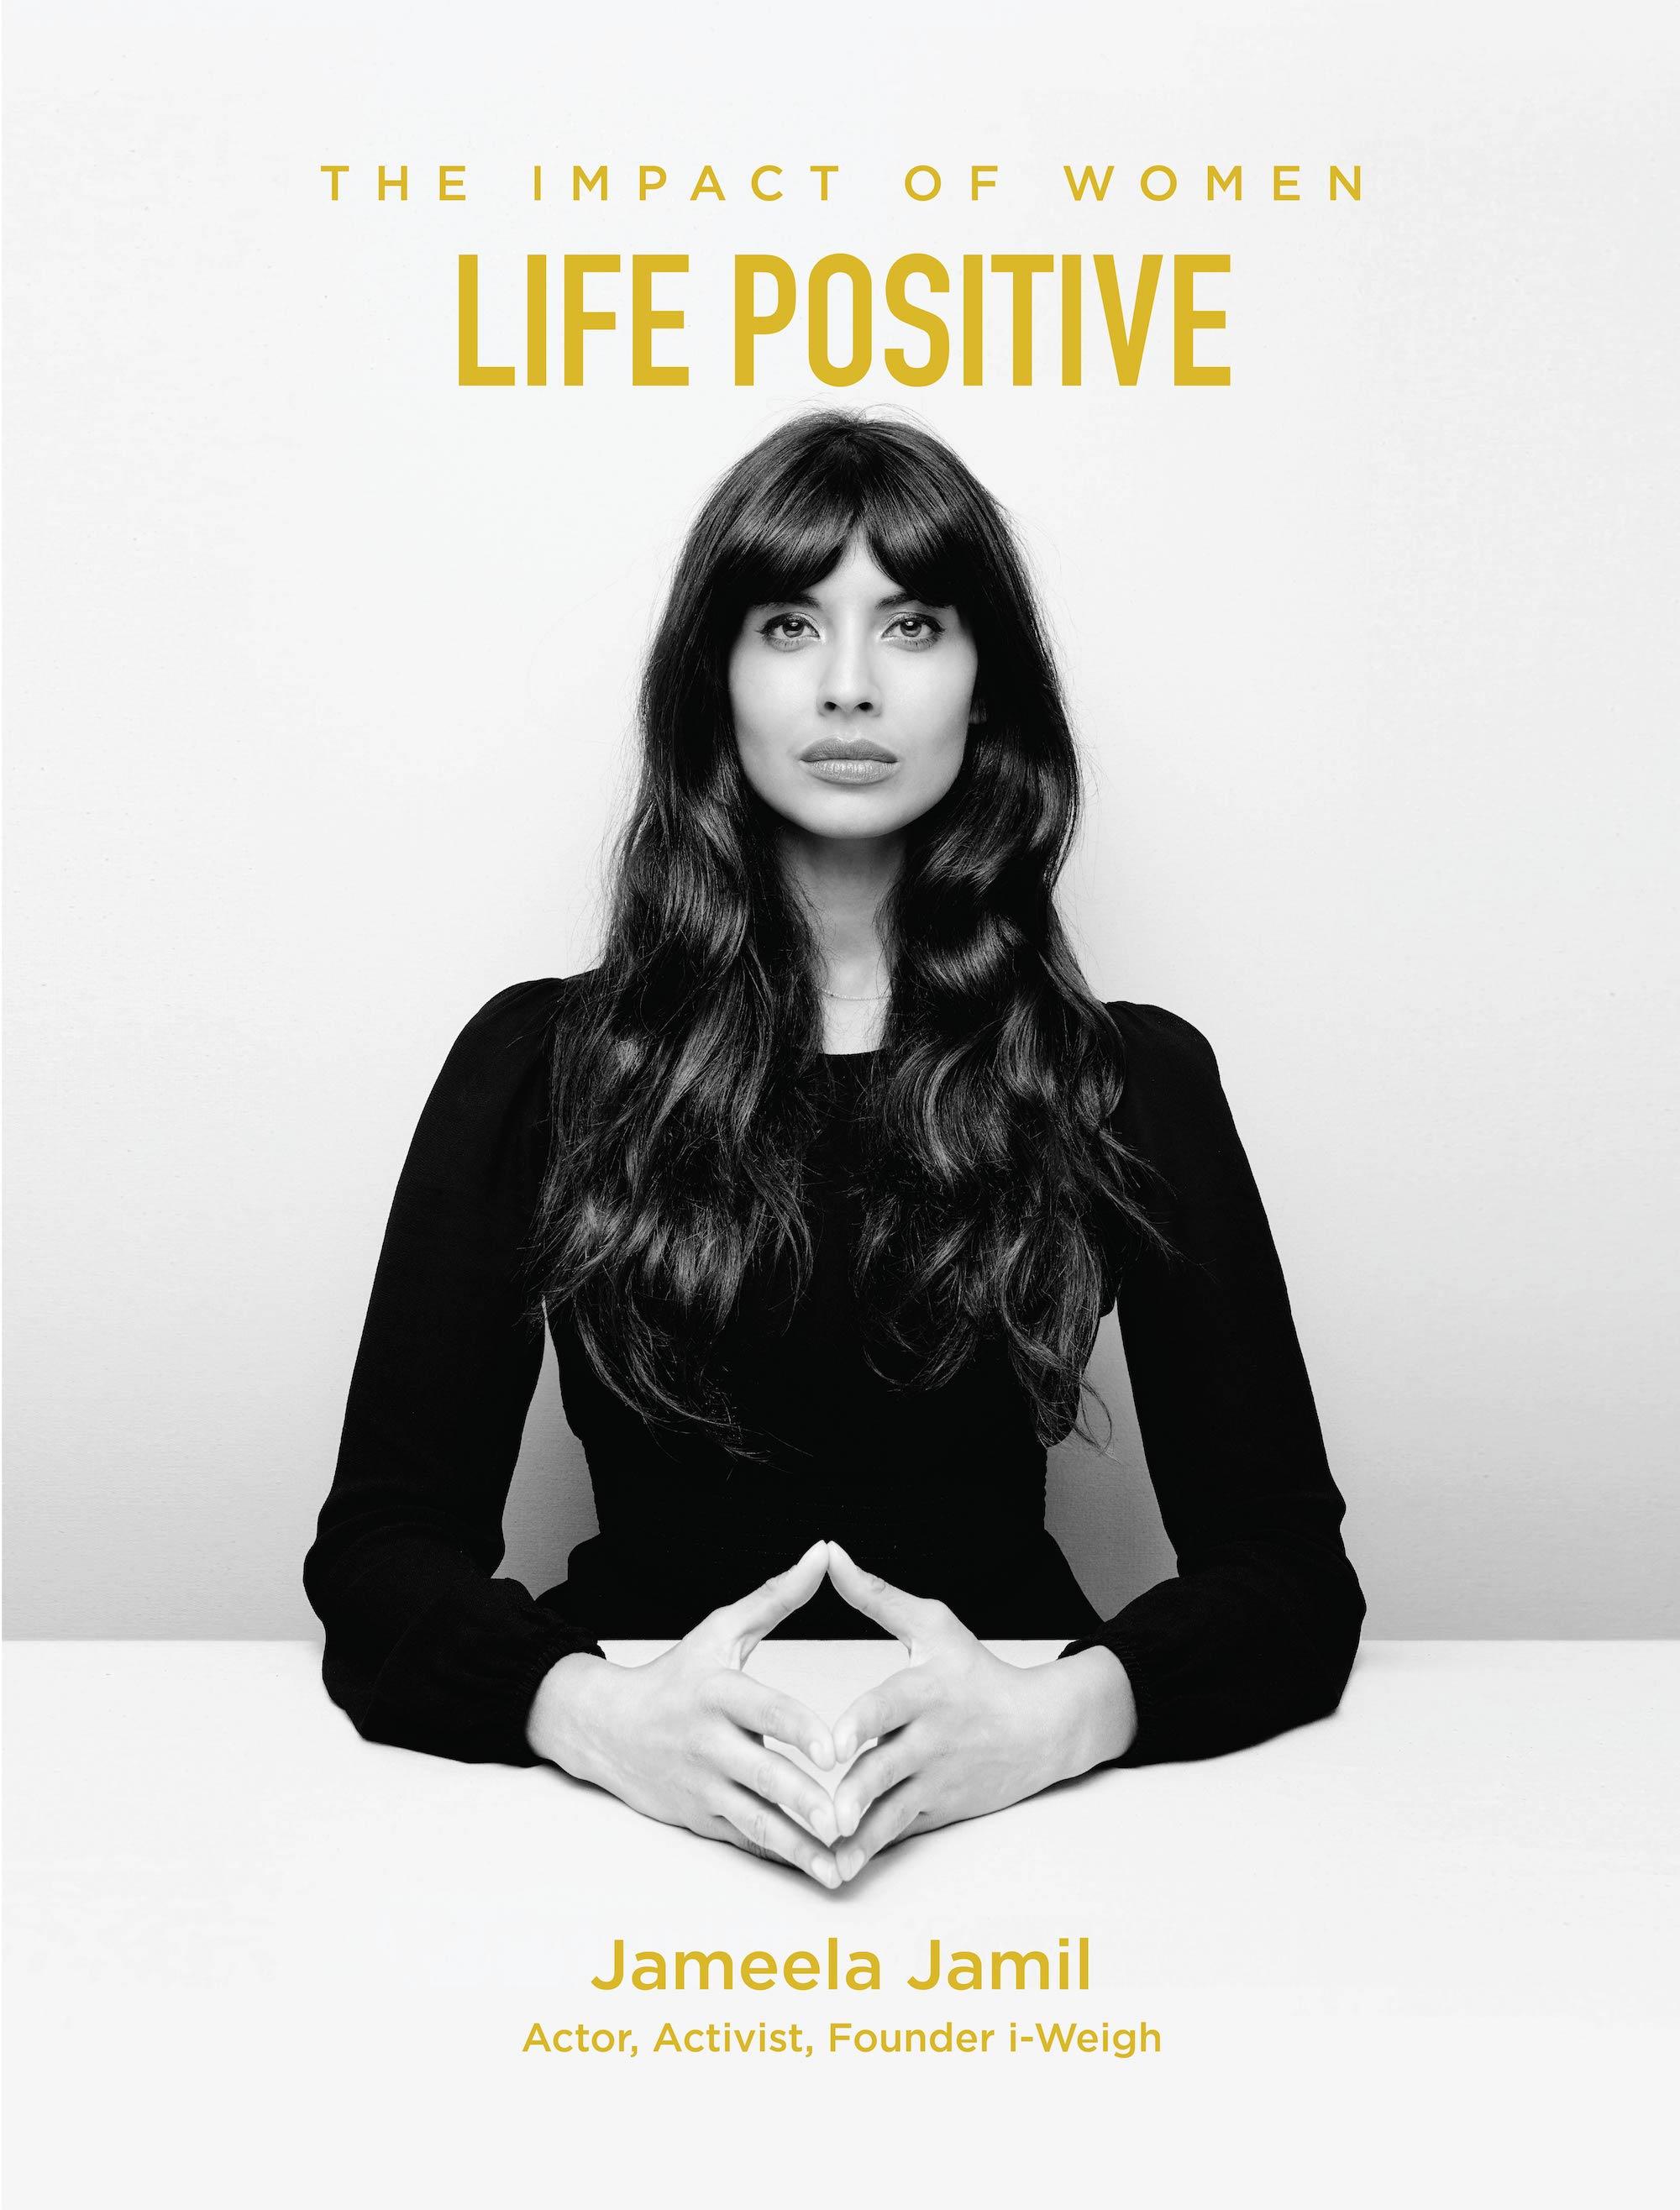 Jameela Jamil is Life Positive